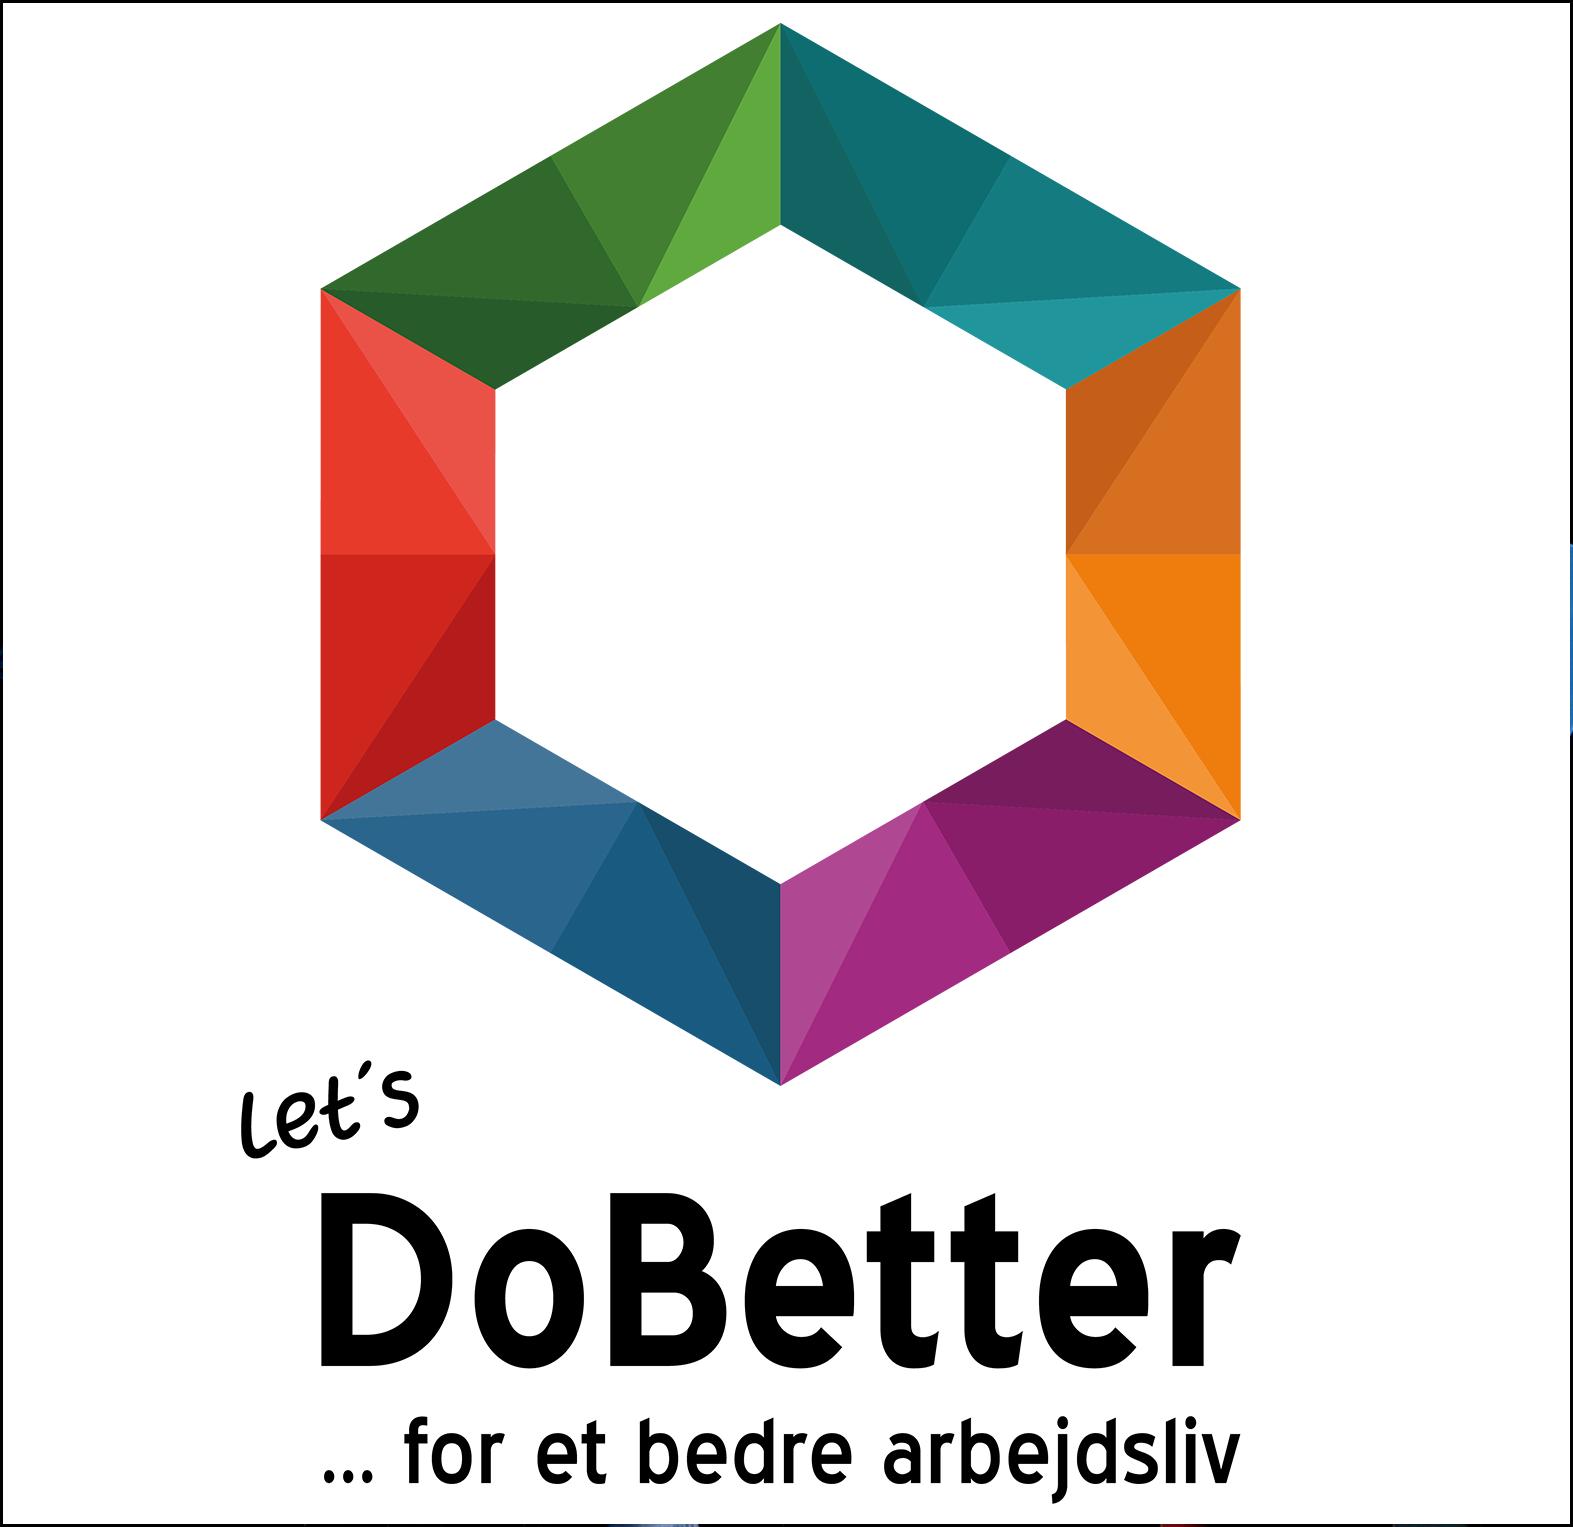 Dobetter